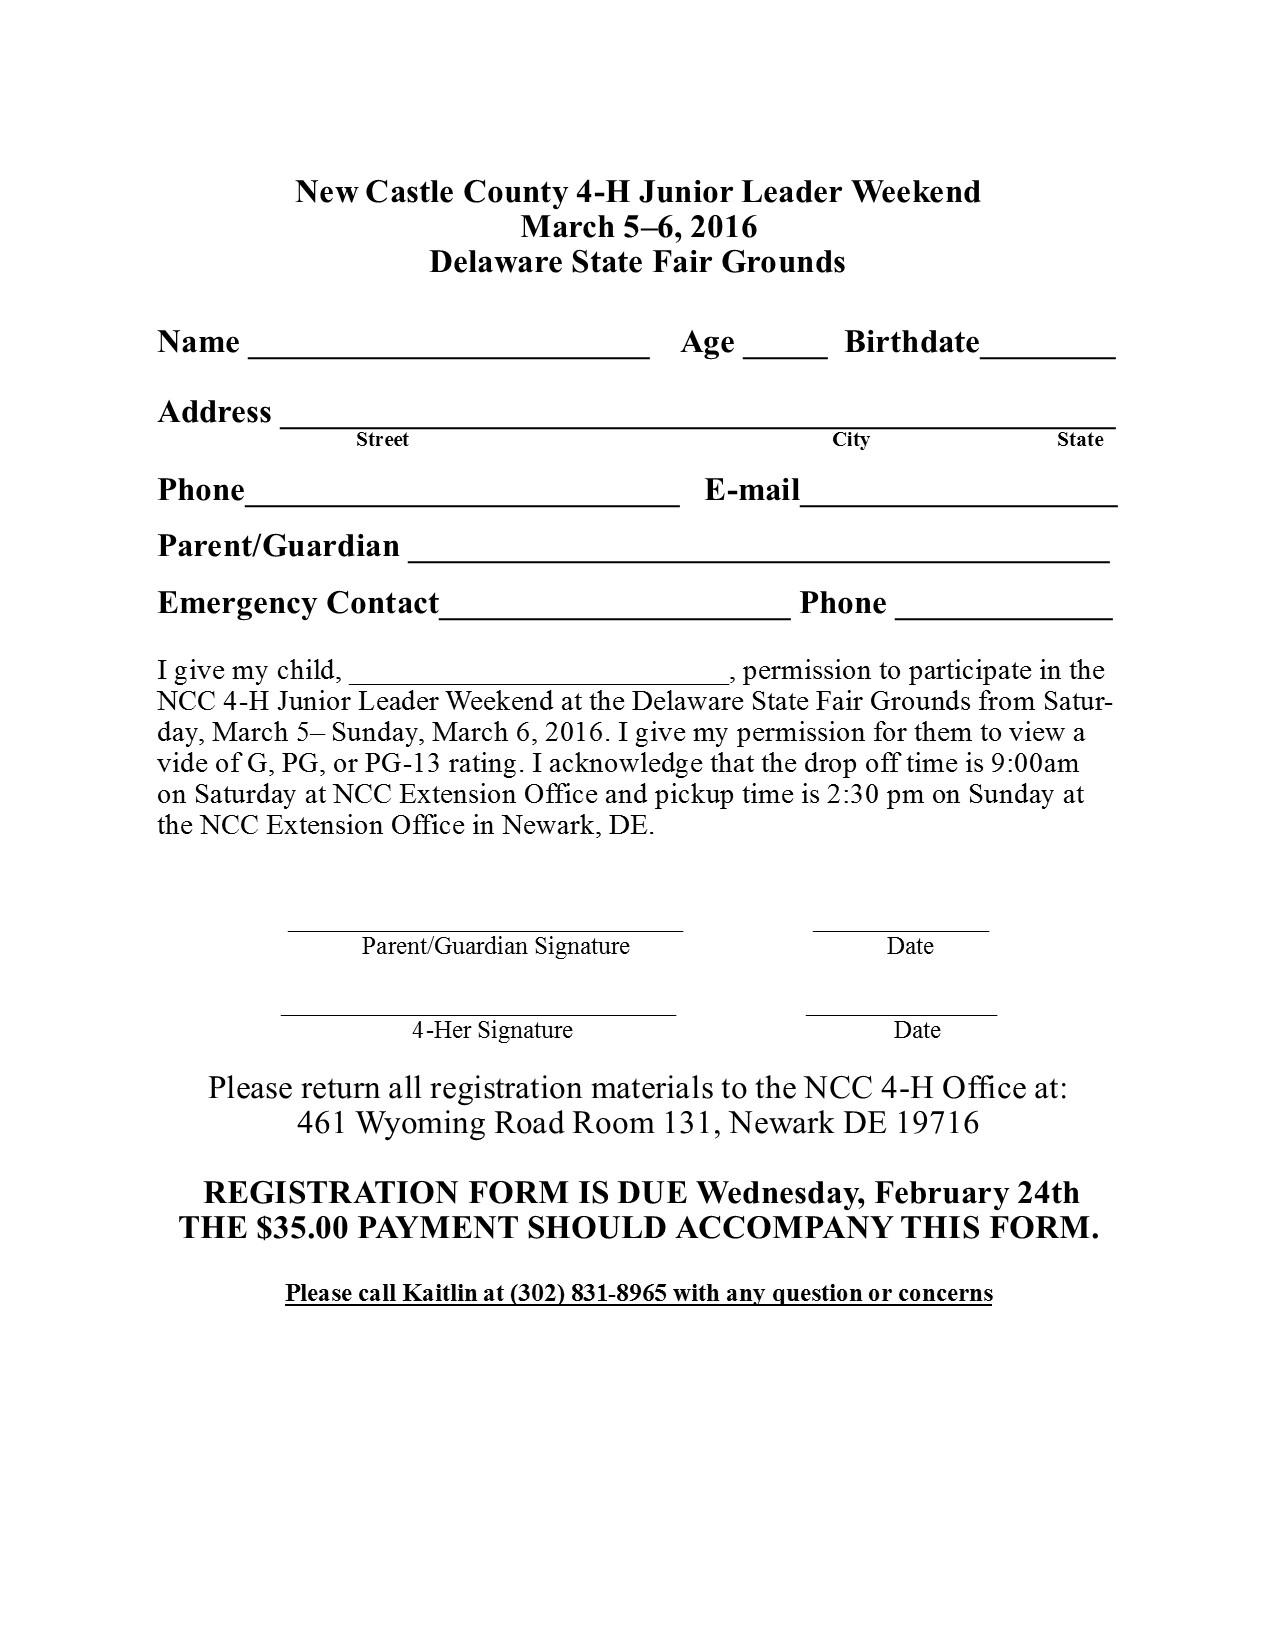 Jr Leader Weekend Registration Form 2016